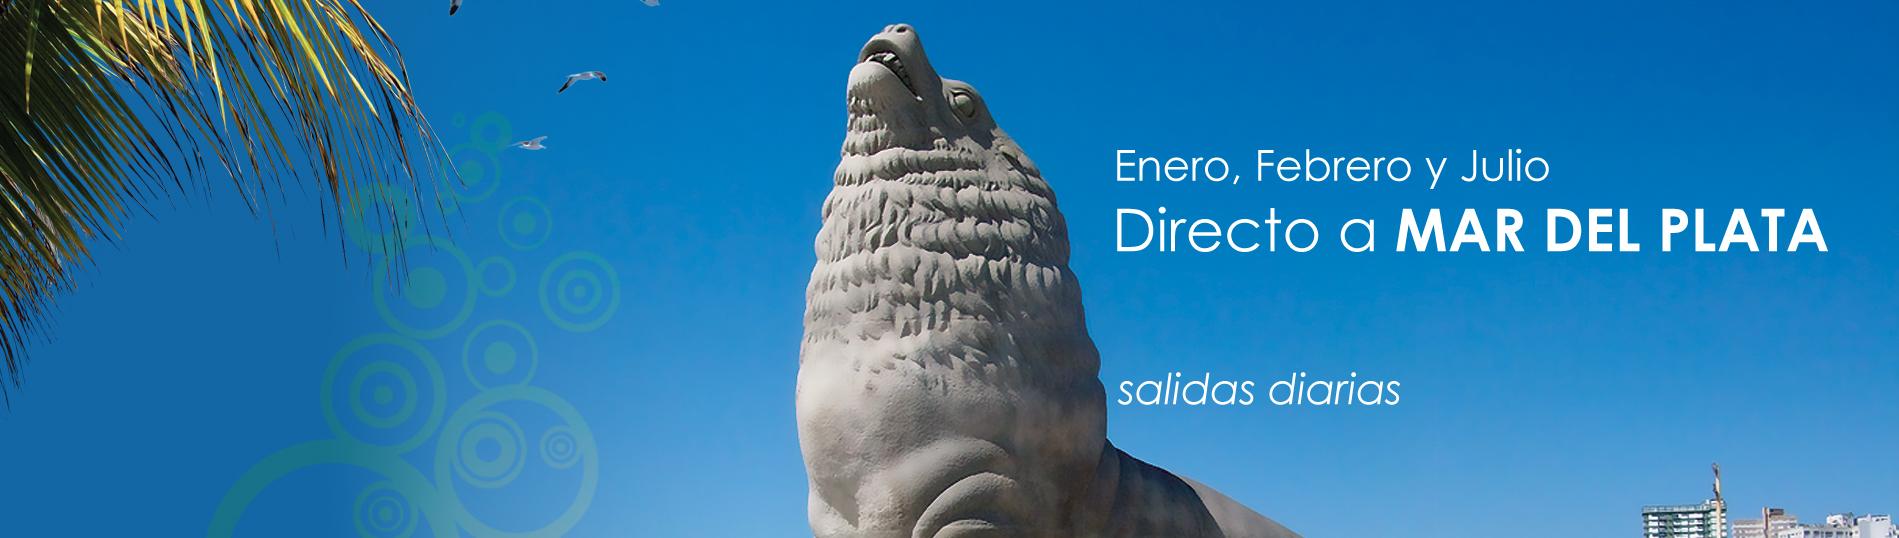 Directo-a-Mar-del-Plata4